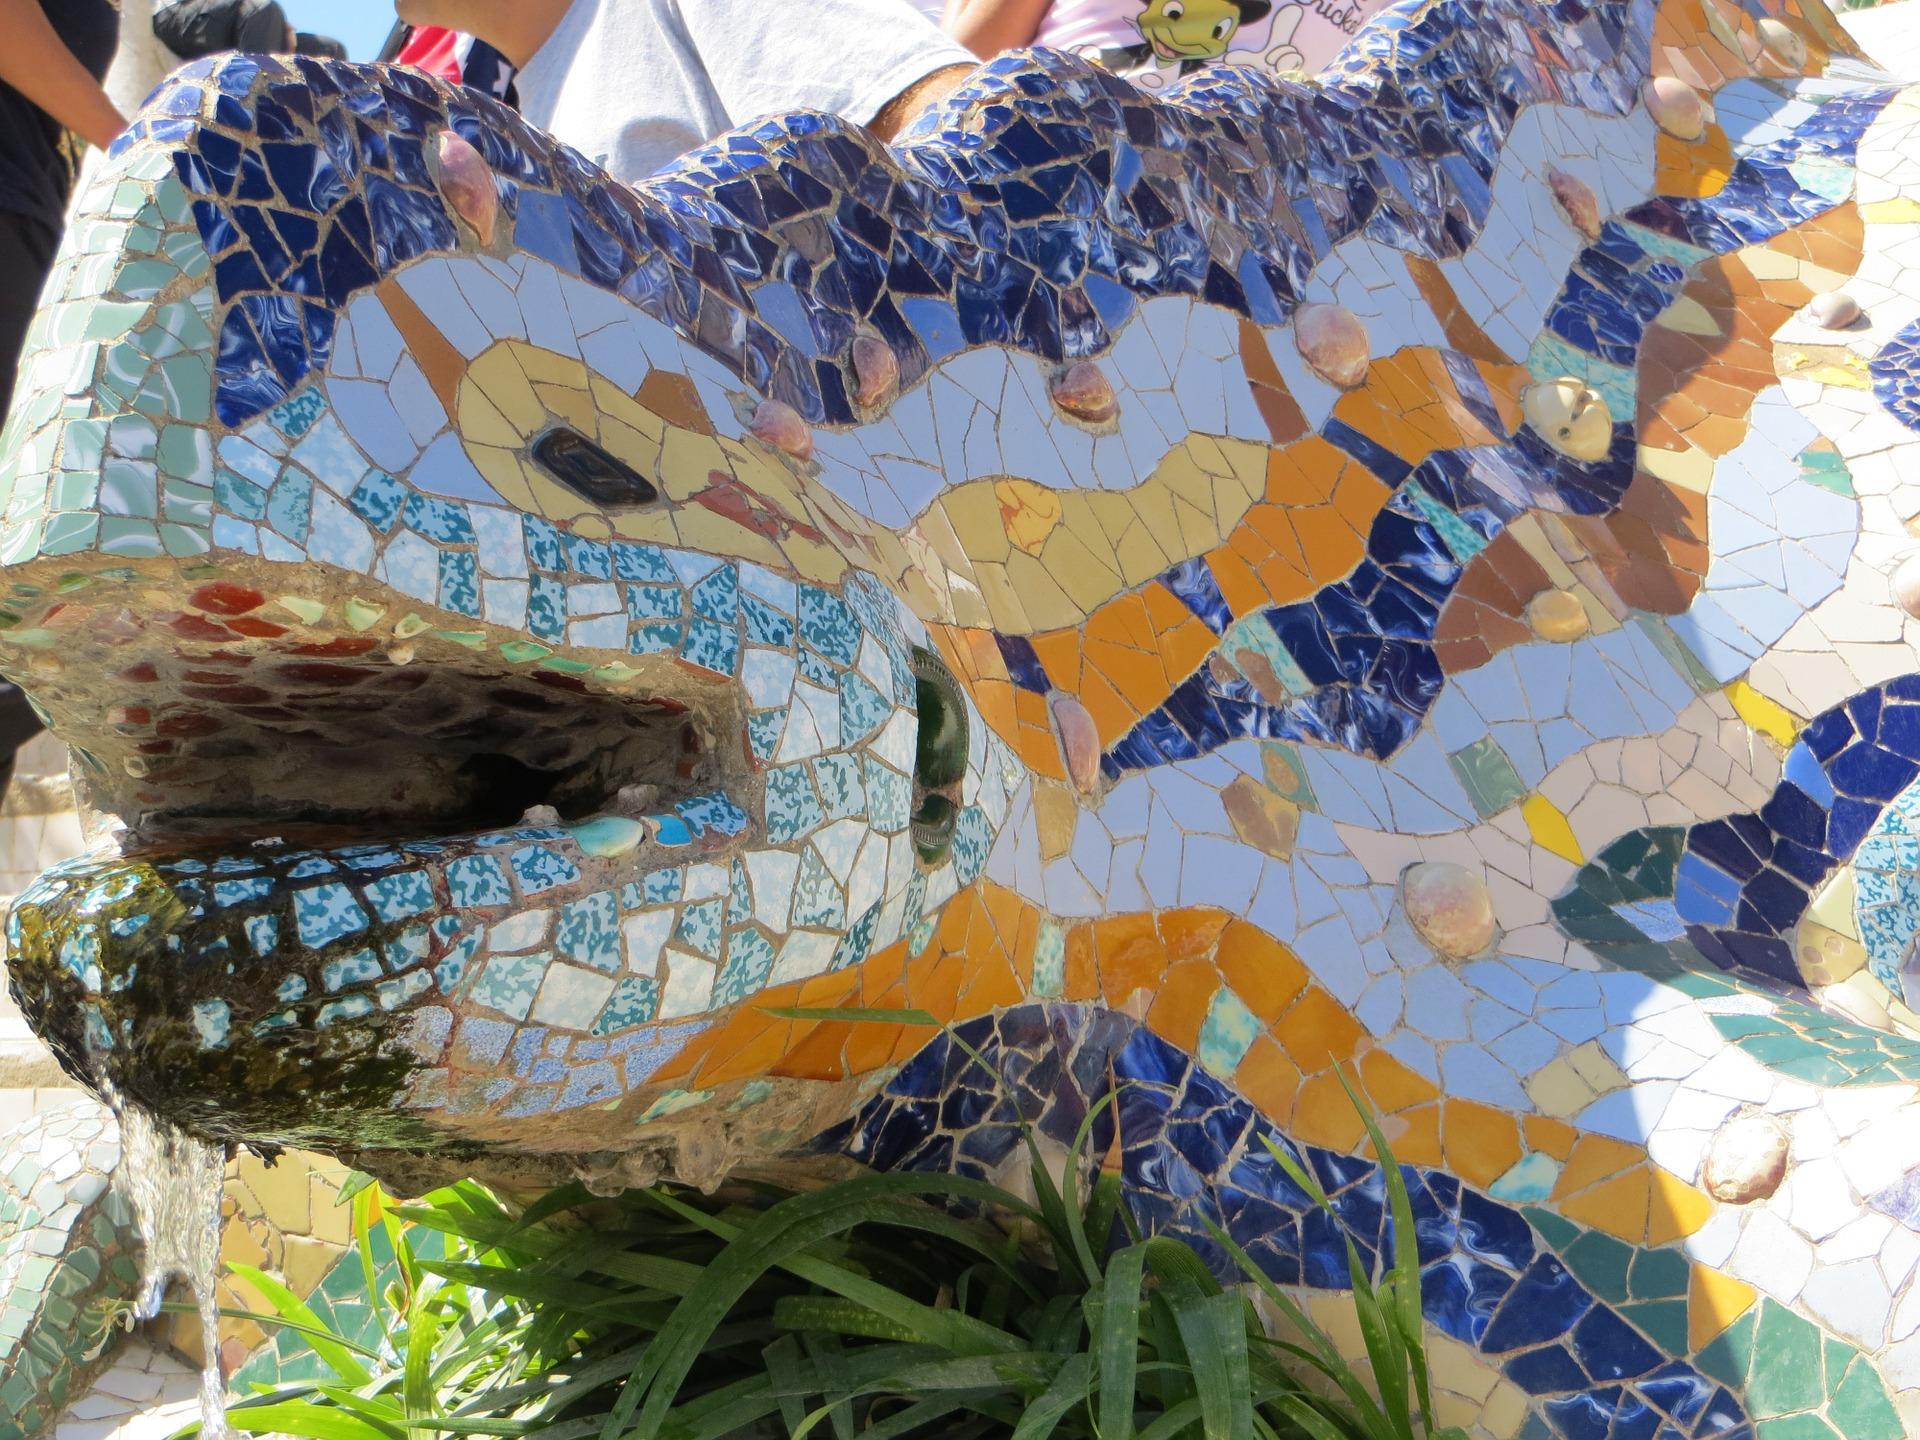 Barcelona Gaudi Parc Guell lizard